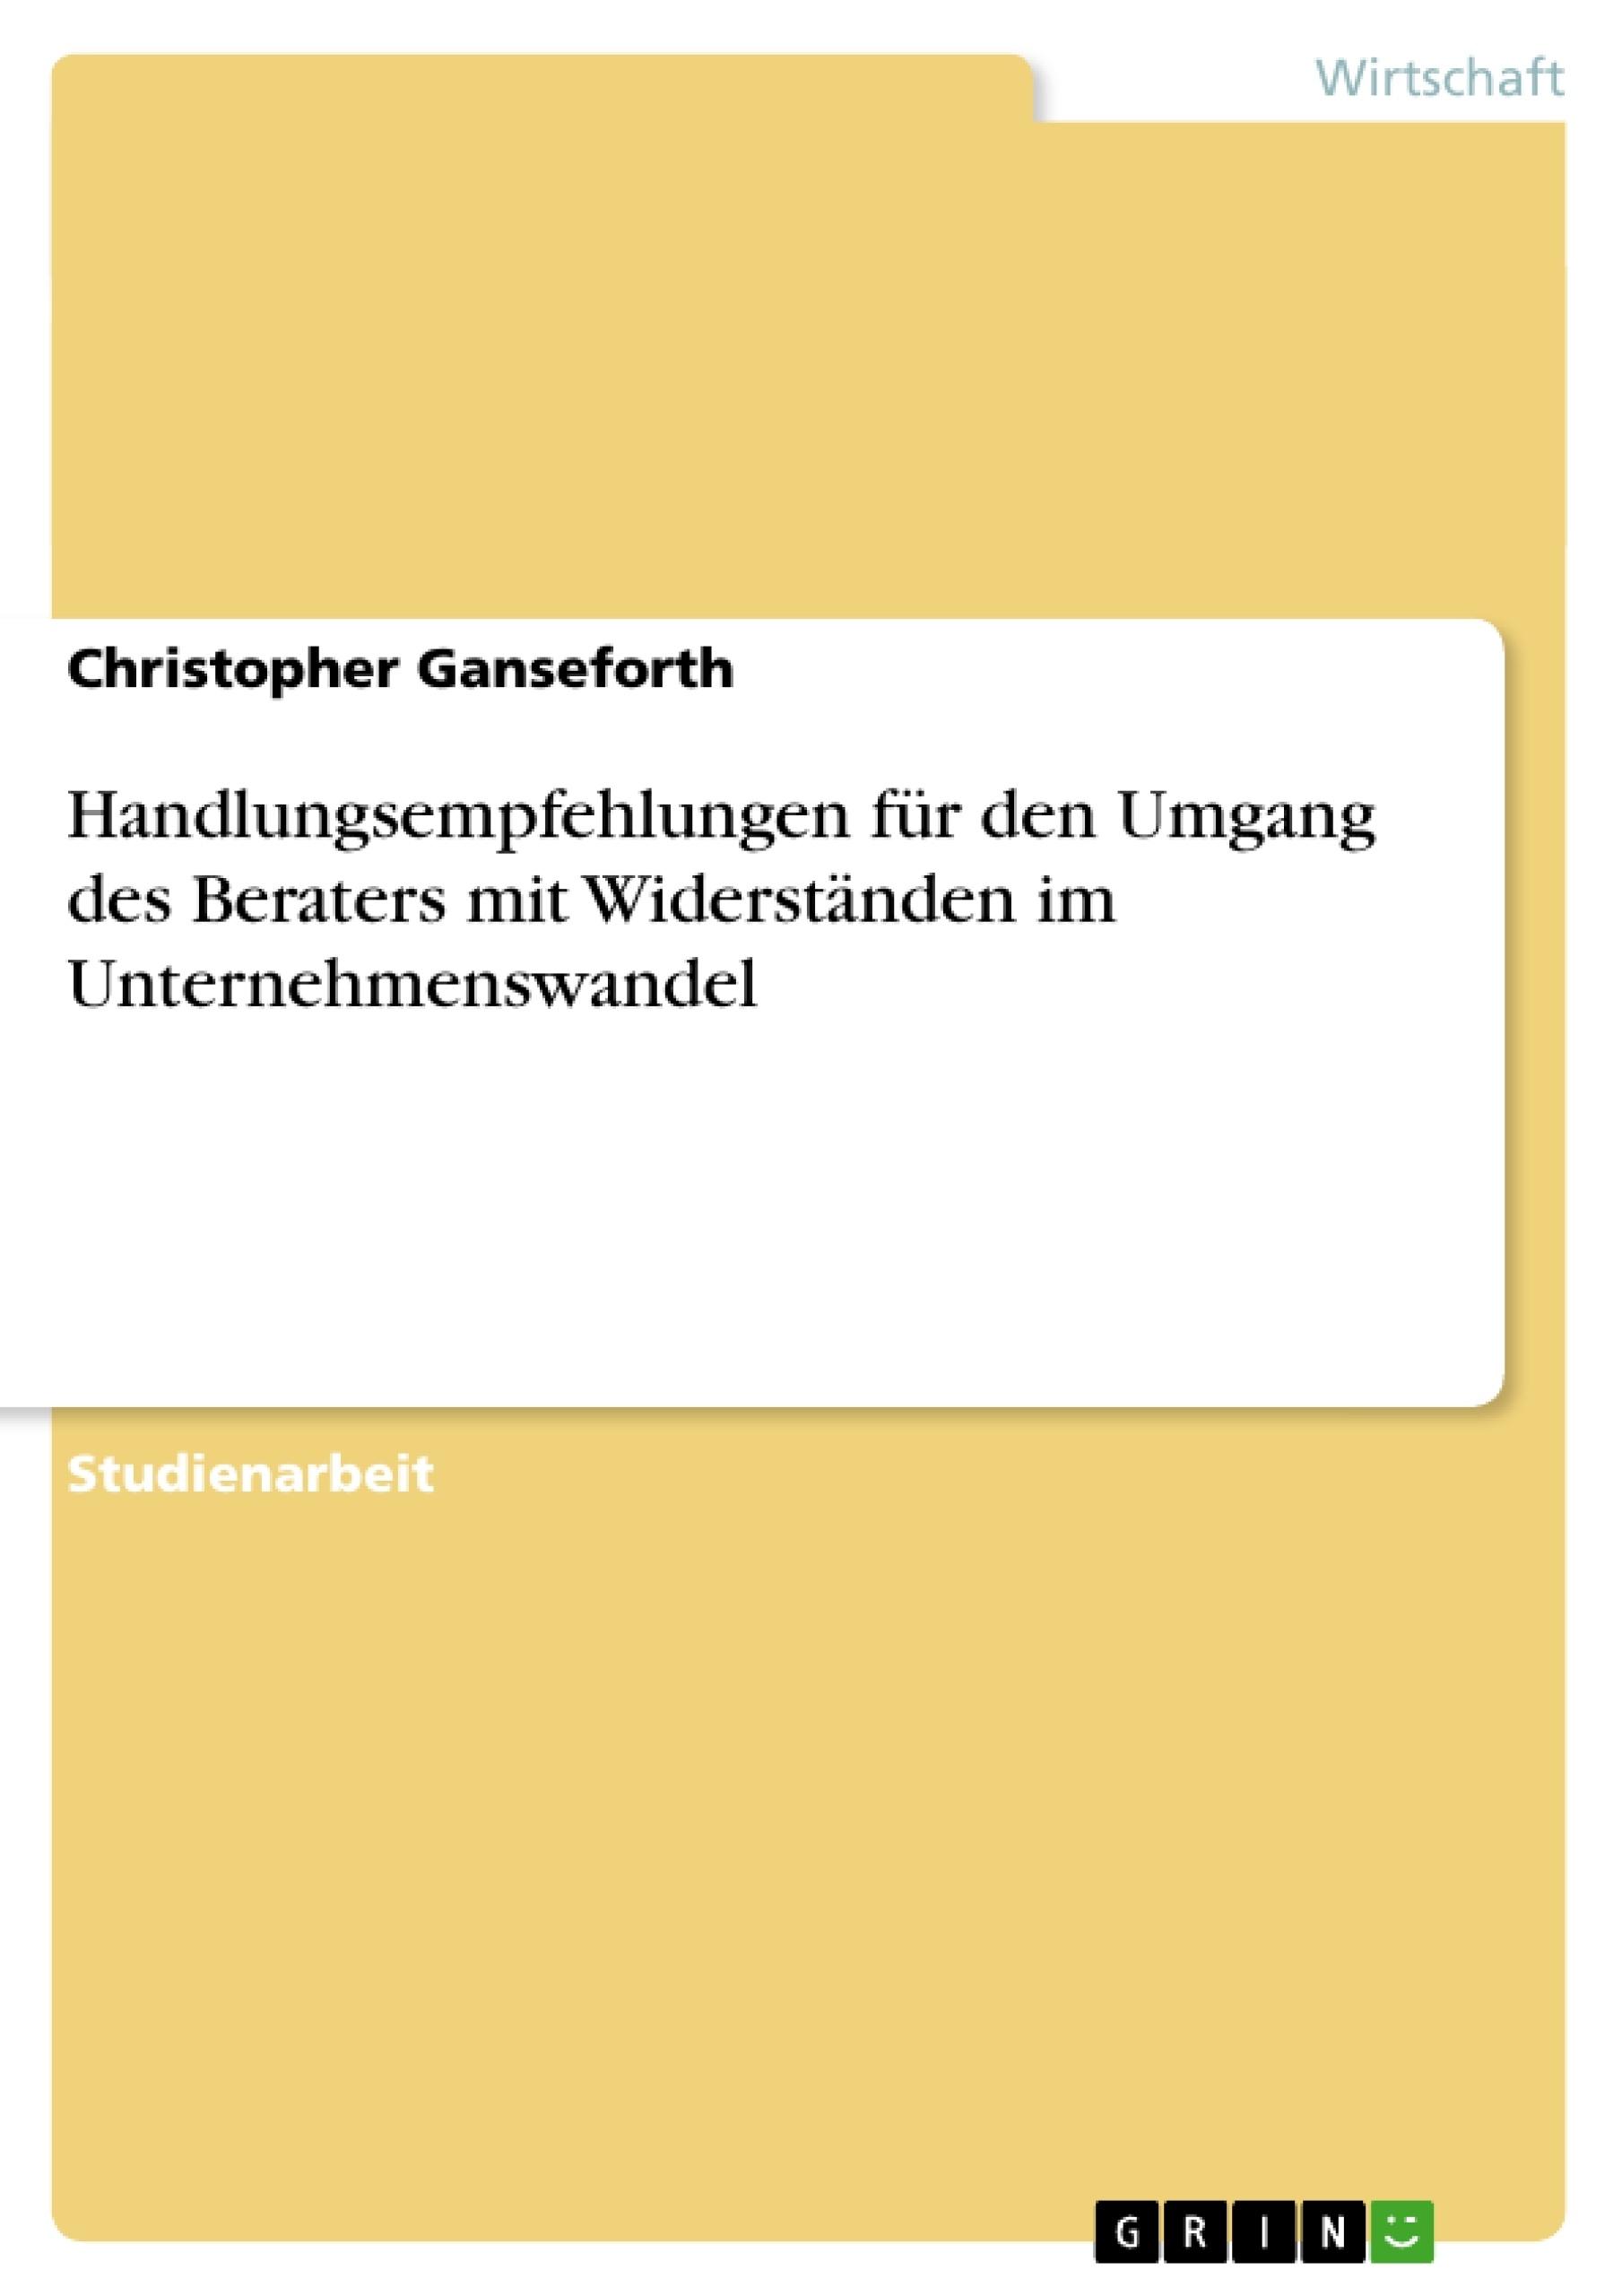 Titel: Handlungsempfehlungen für den Umgang des Beraters mit Widerständen im Unternehmenswandel